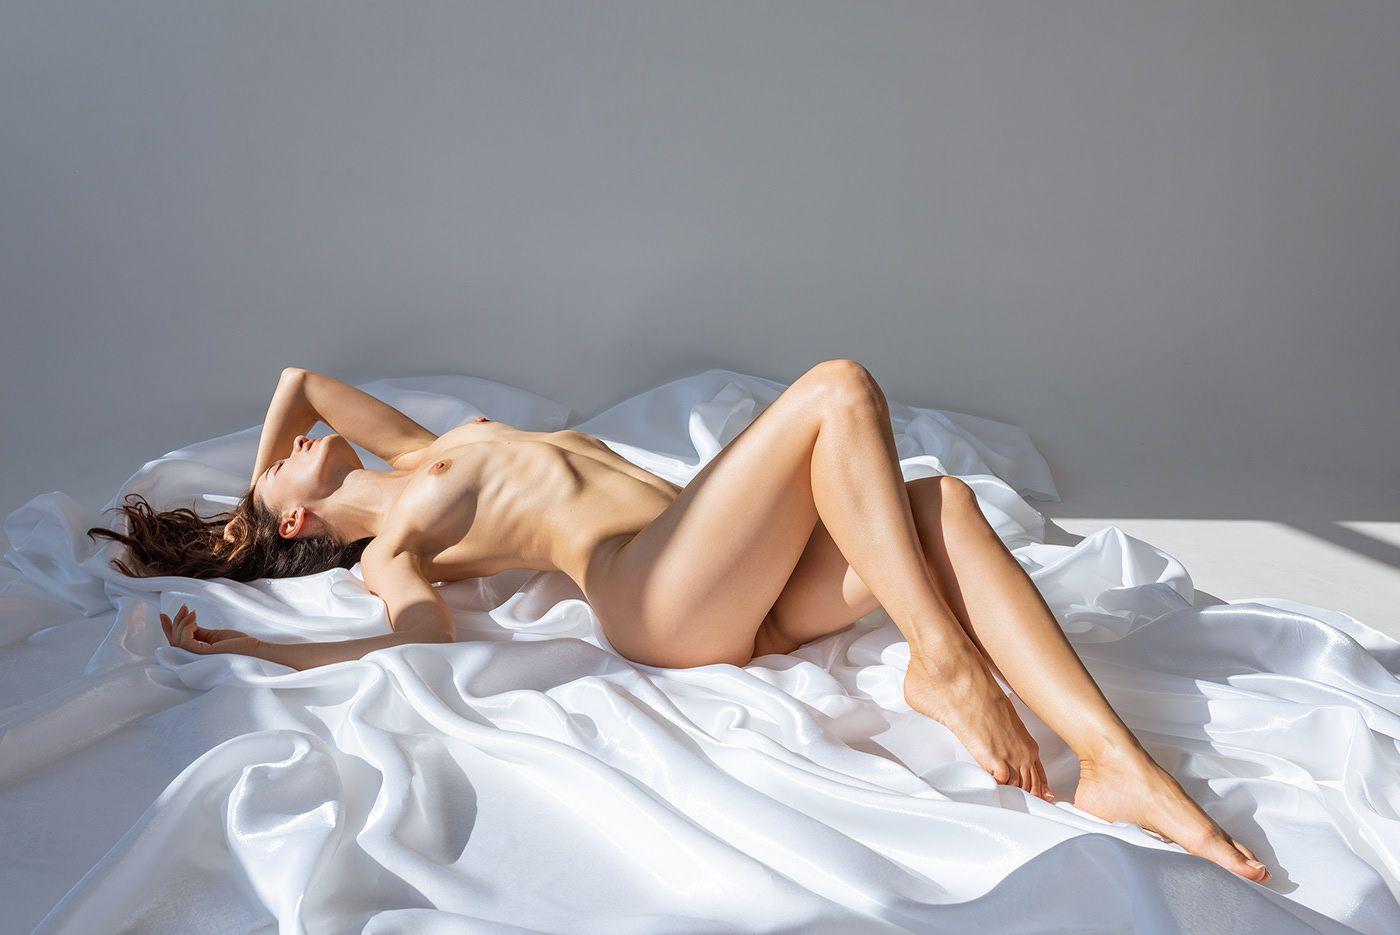 Free Diora Baird Clips Pornstar